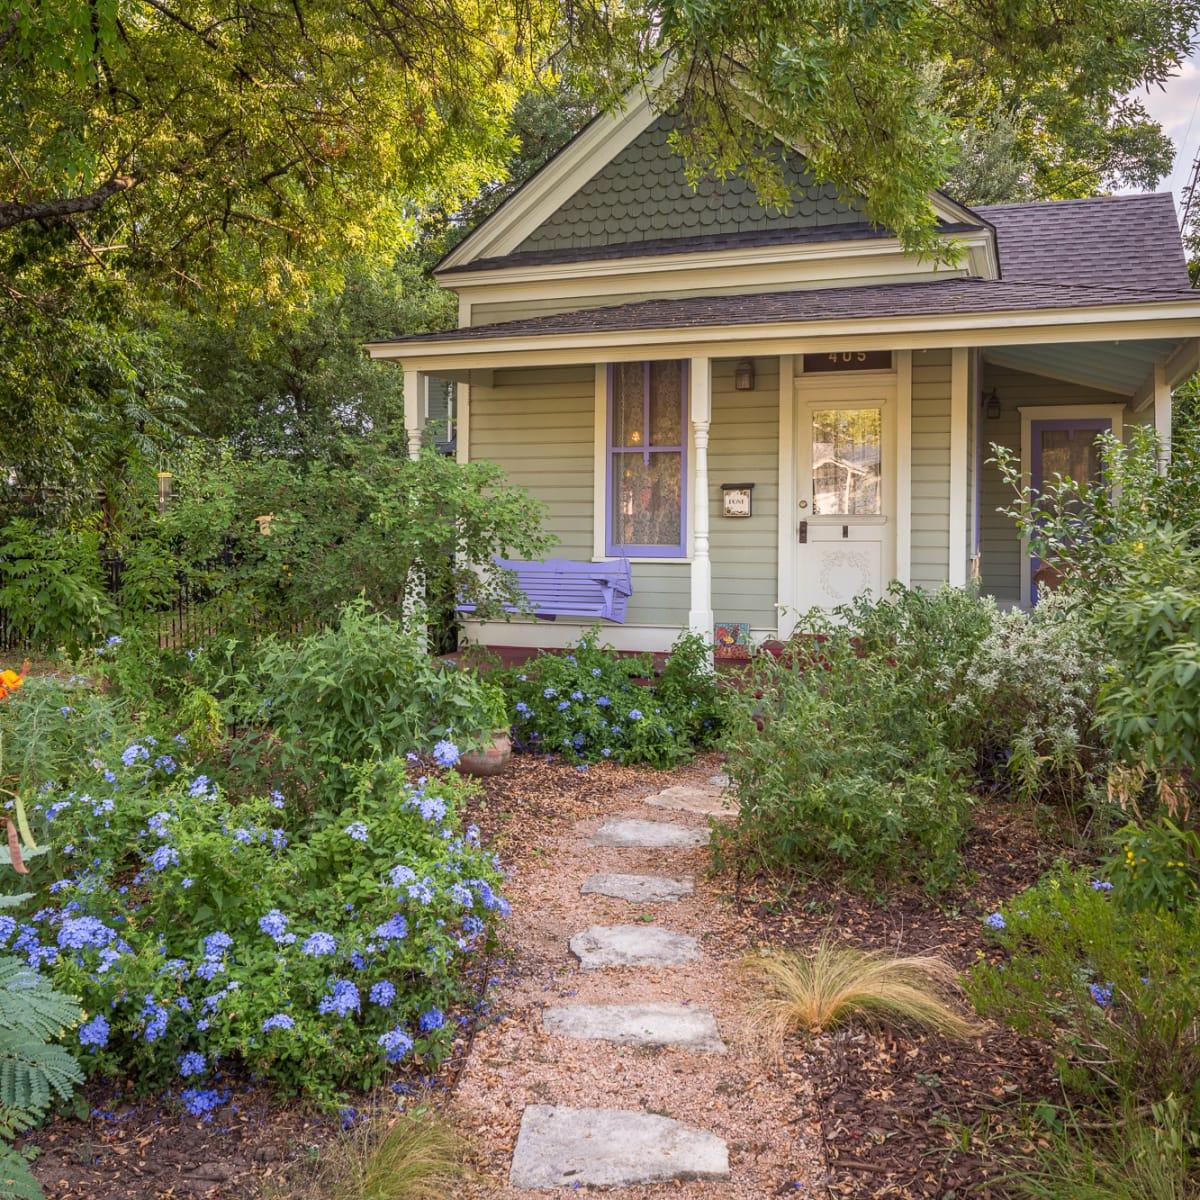 Historic Hyde Park Homes Tour 2015 Avenue A folk victorian cottage house